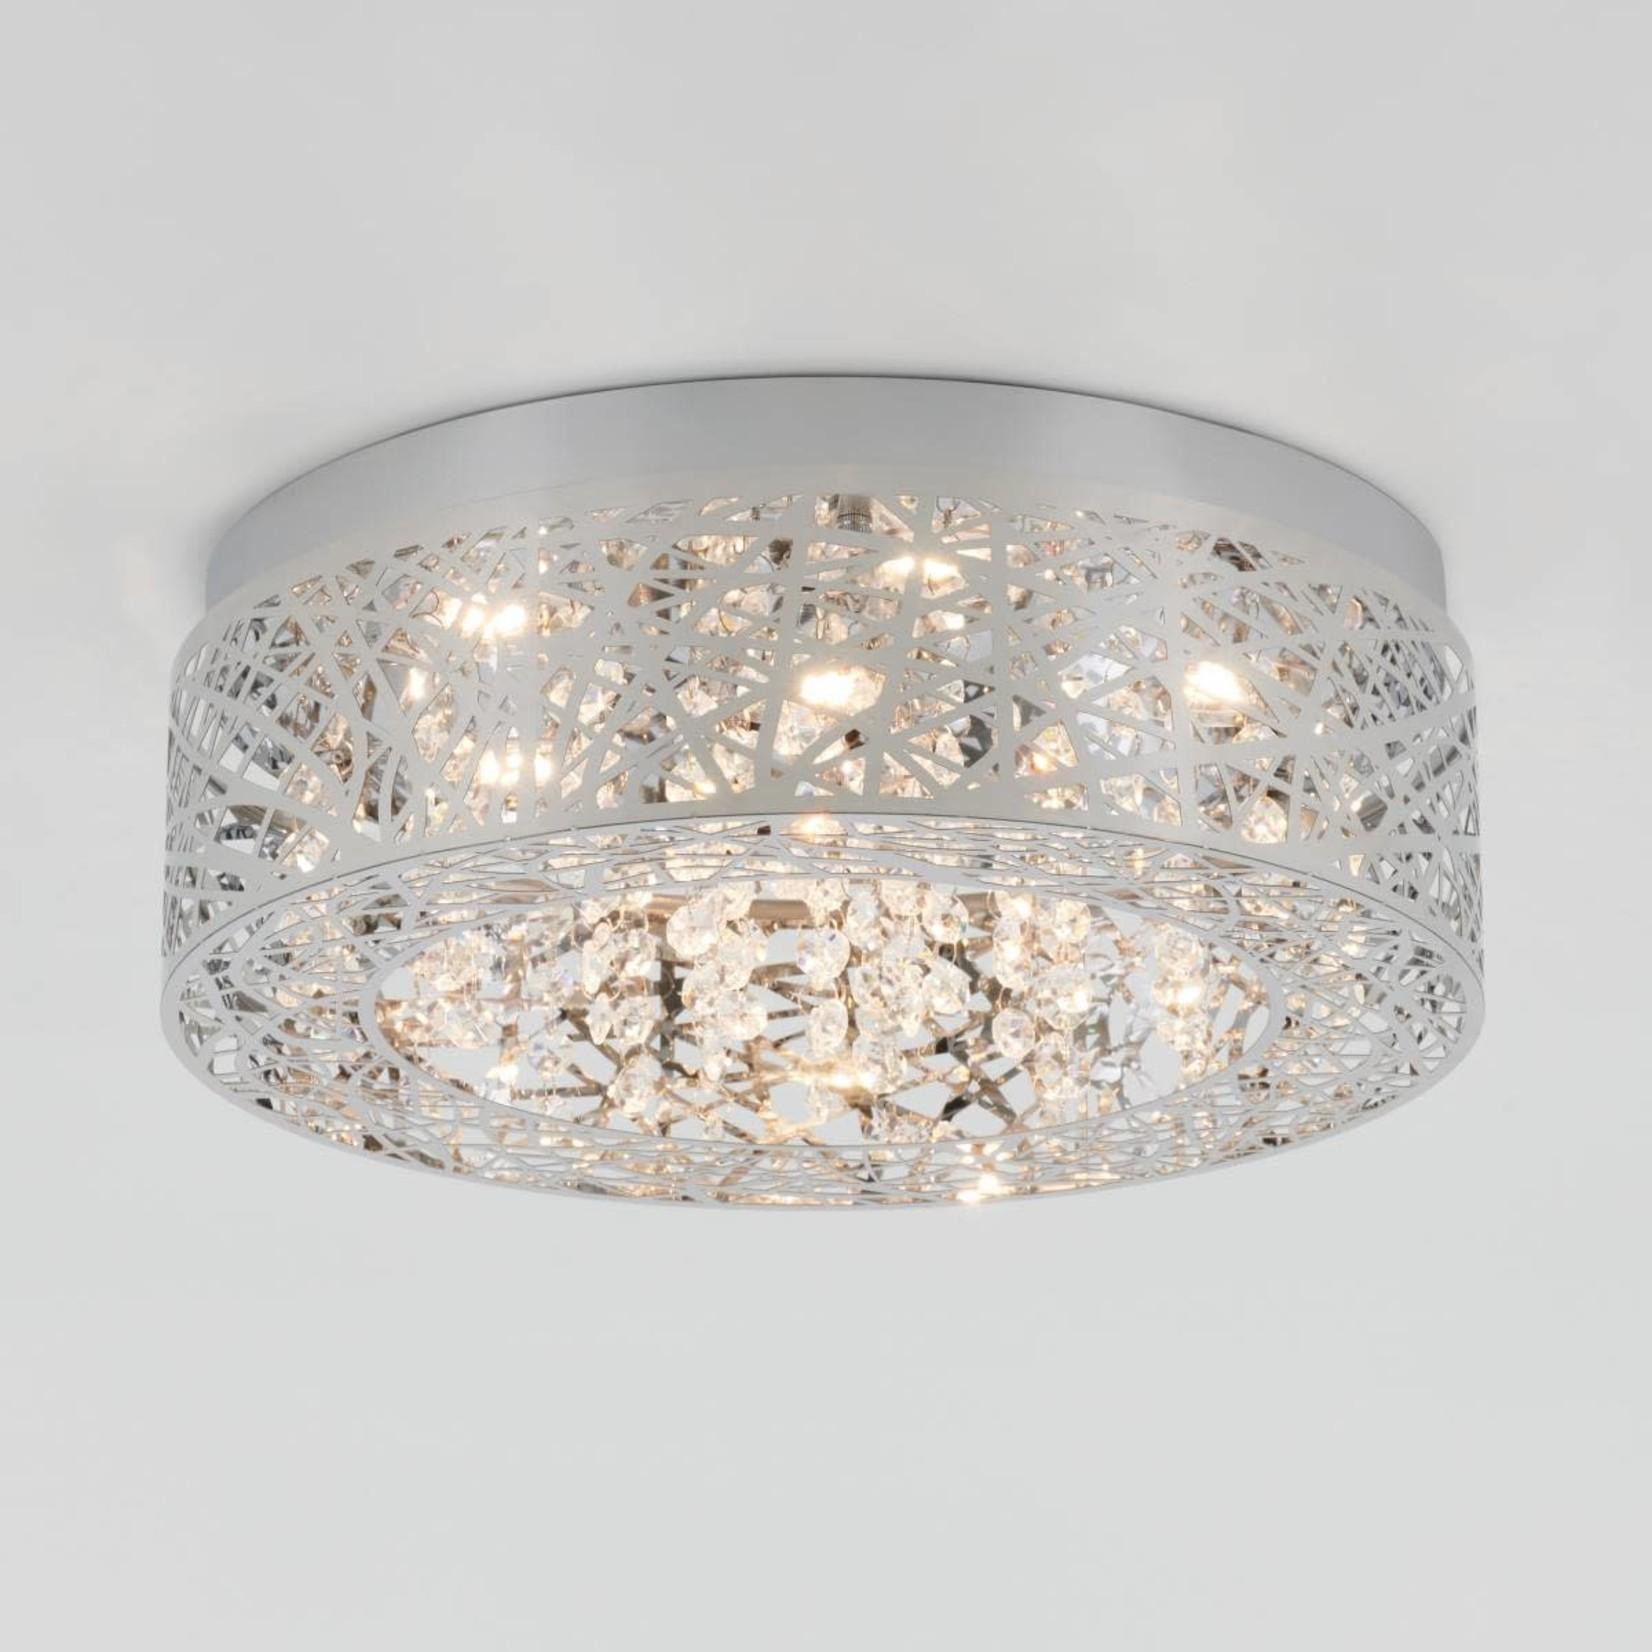 Artika Crystal Nest Flush Mount LED Light